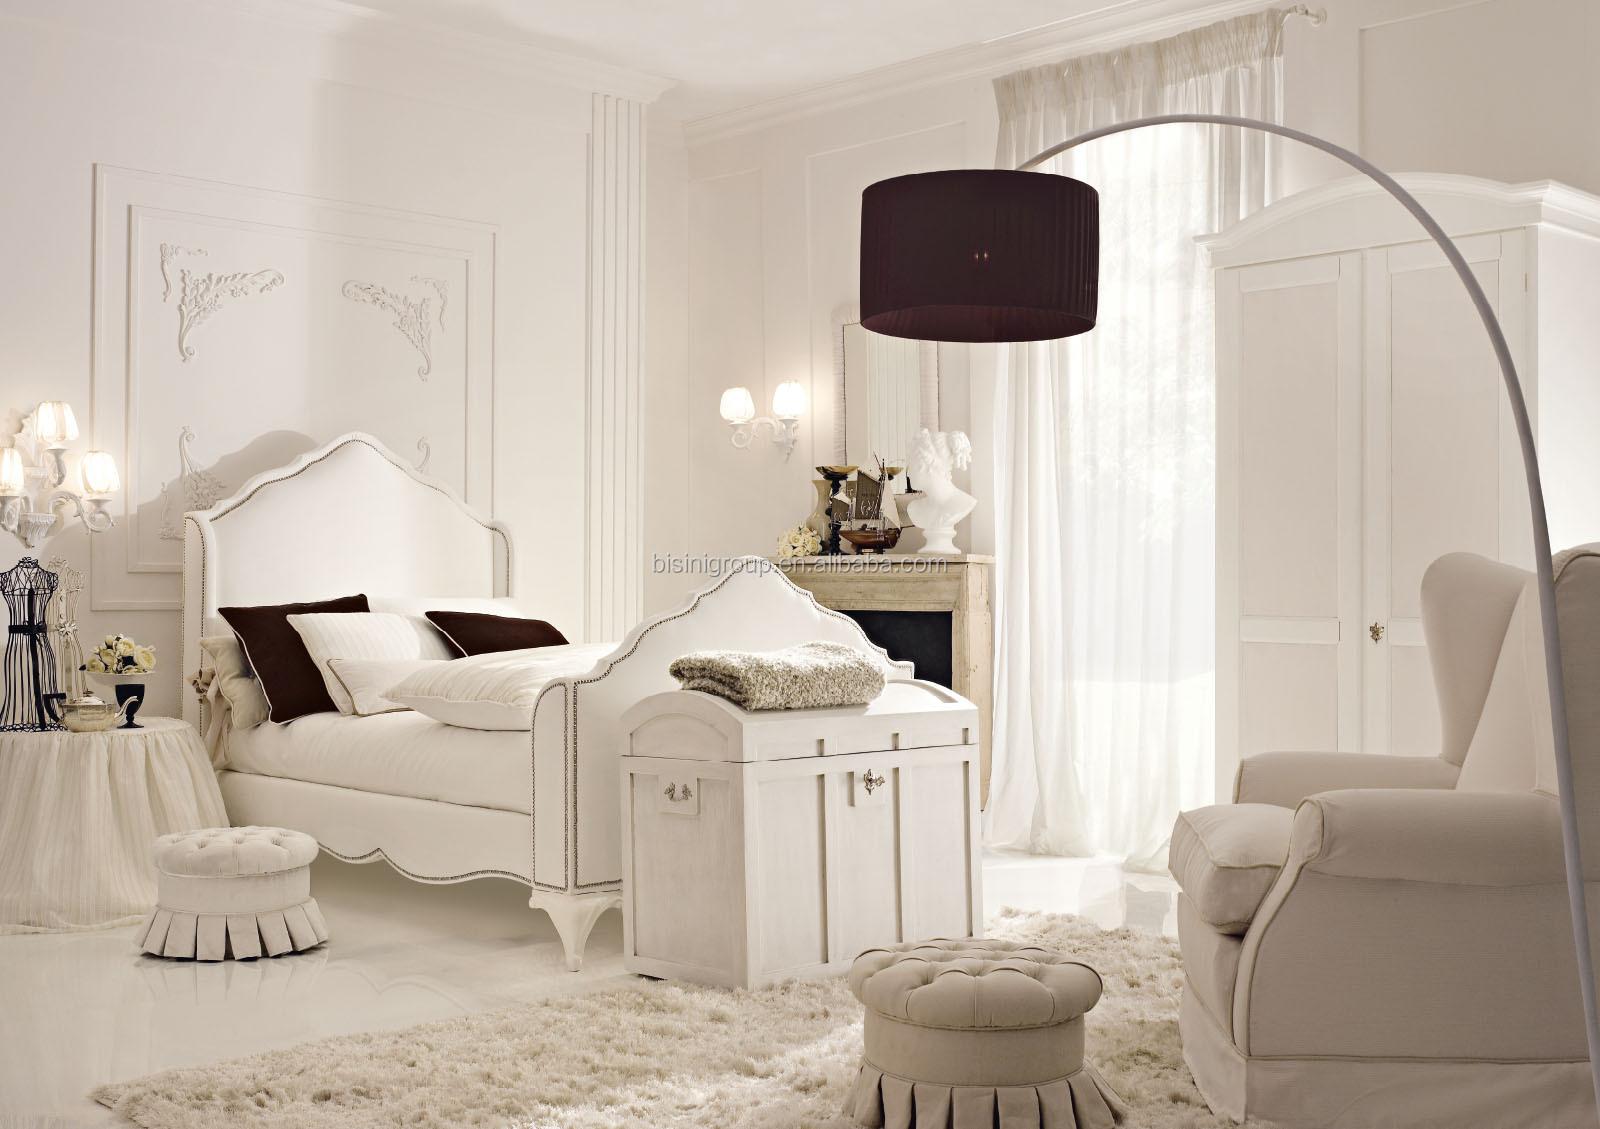 Bisini Amerikanischen Stil Kinder Schlafzimmer Set,Kinder Modernen Stil Aus  Holz Schlafzimmer Möbel Bg700010 - Buy Kinder Schlafzimmer Set,Kinder ...